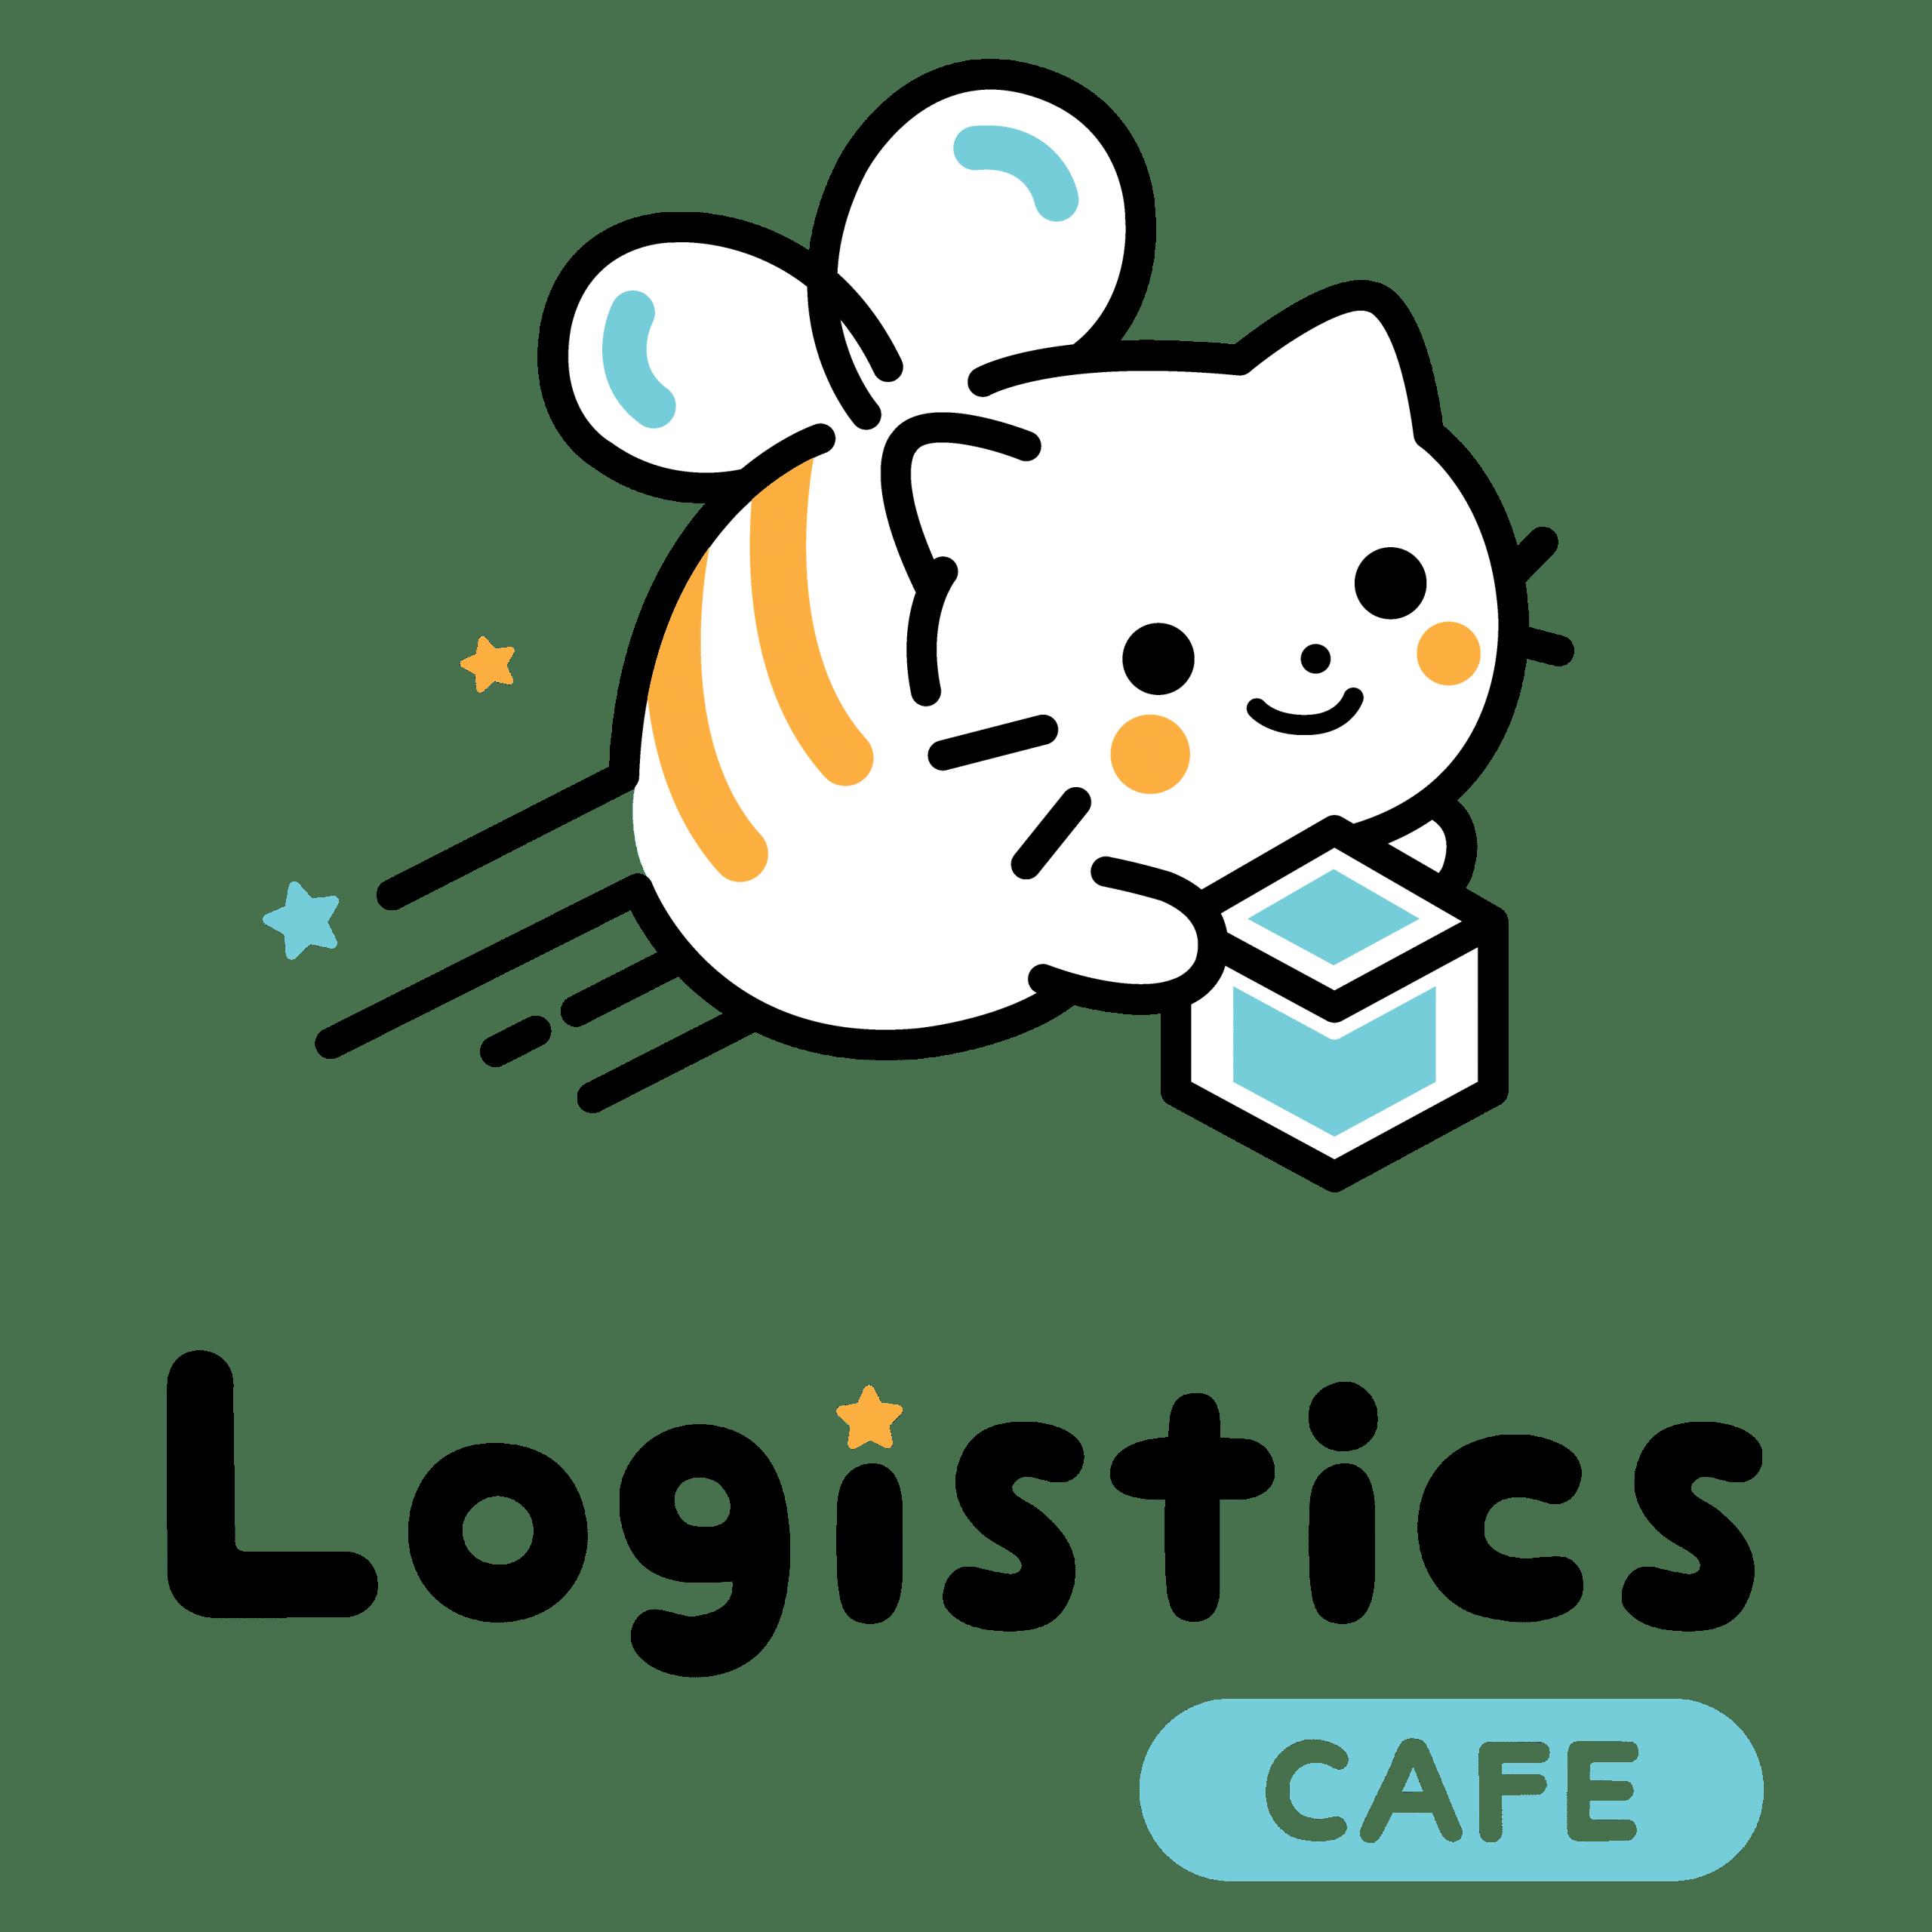 โลจิสติกส์คาเฟ่ ความรู้พื้นฐานโลจิสติกส์และซัพพลายเชน ขนส่งสินค้า คลังสินค้า ข่าวสาร กิจกรรมโลจิสติกส์และซัพพลายเชน | logistiCafe.com